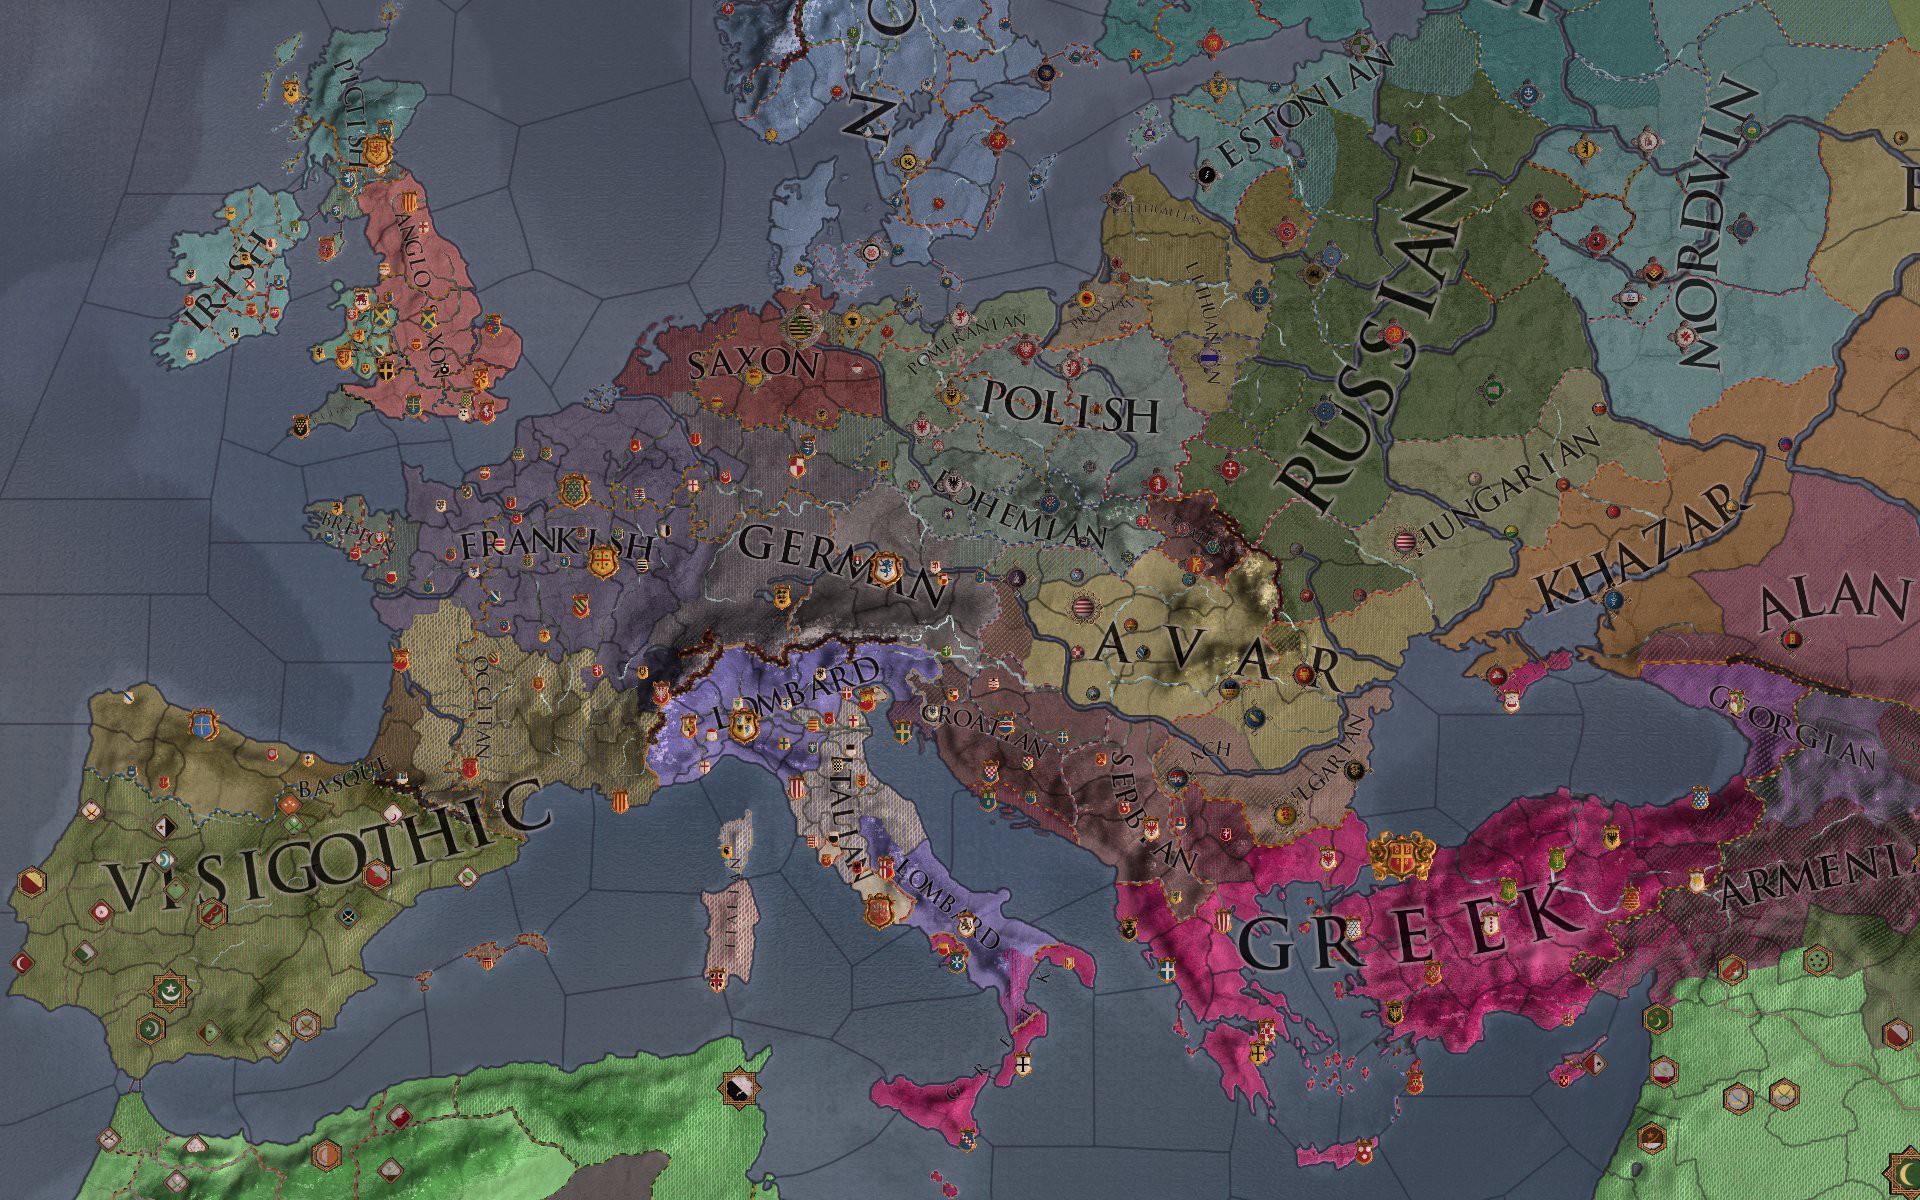 crusader_kings_ii map